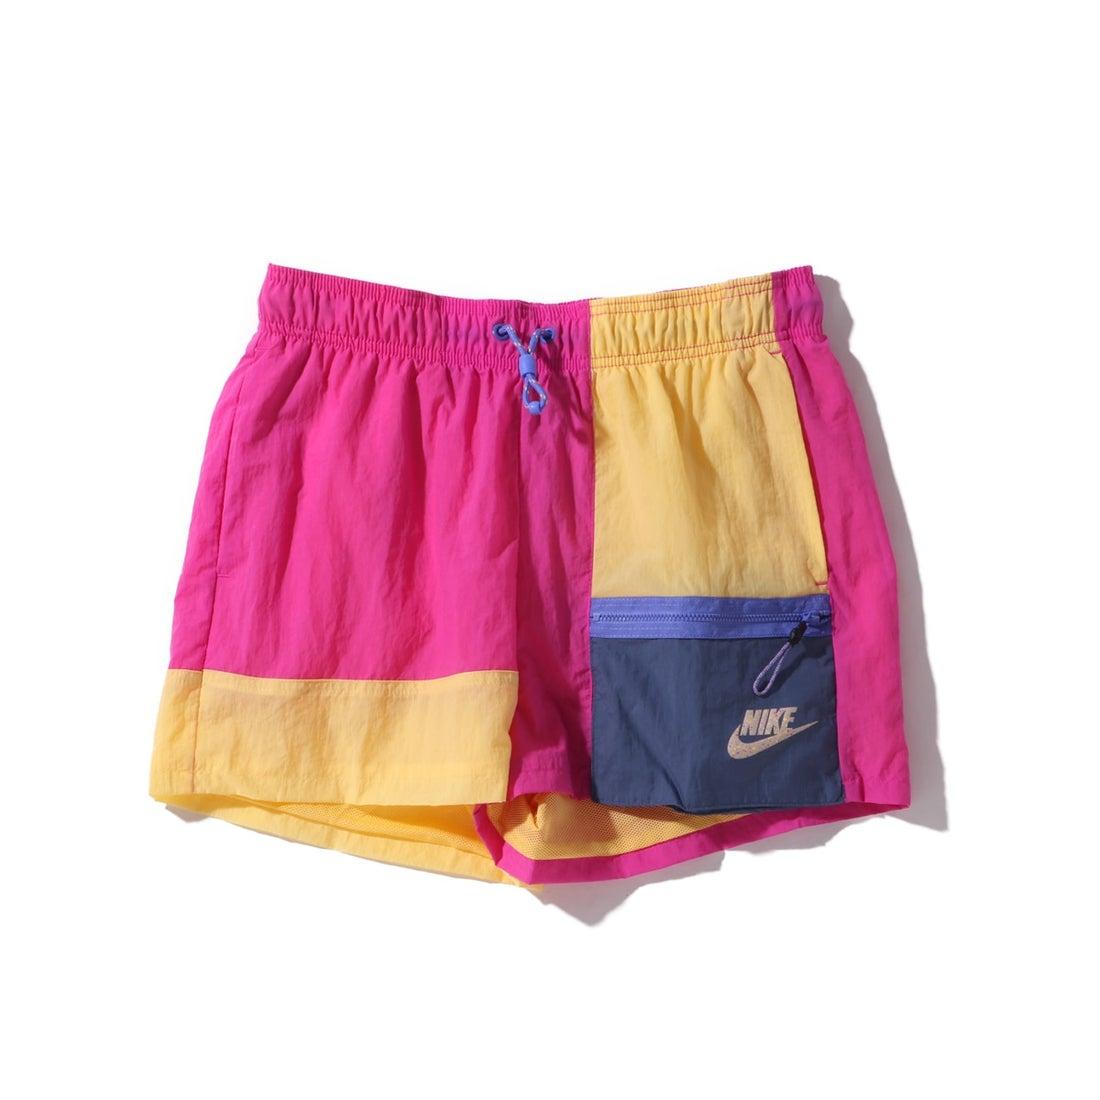 ロコンド 靴とファッションの通販サイトナイキ NIKE NIKE AS W NSW ICN CLSH SHORT (PINK)